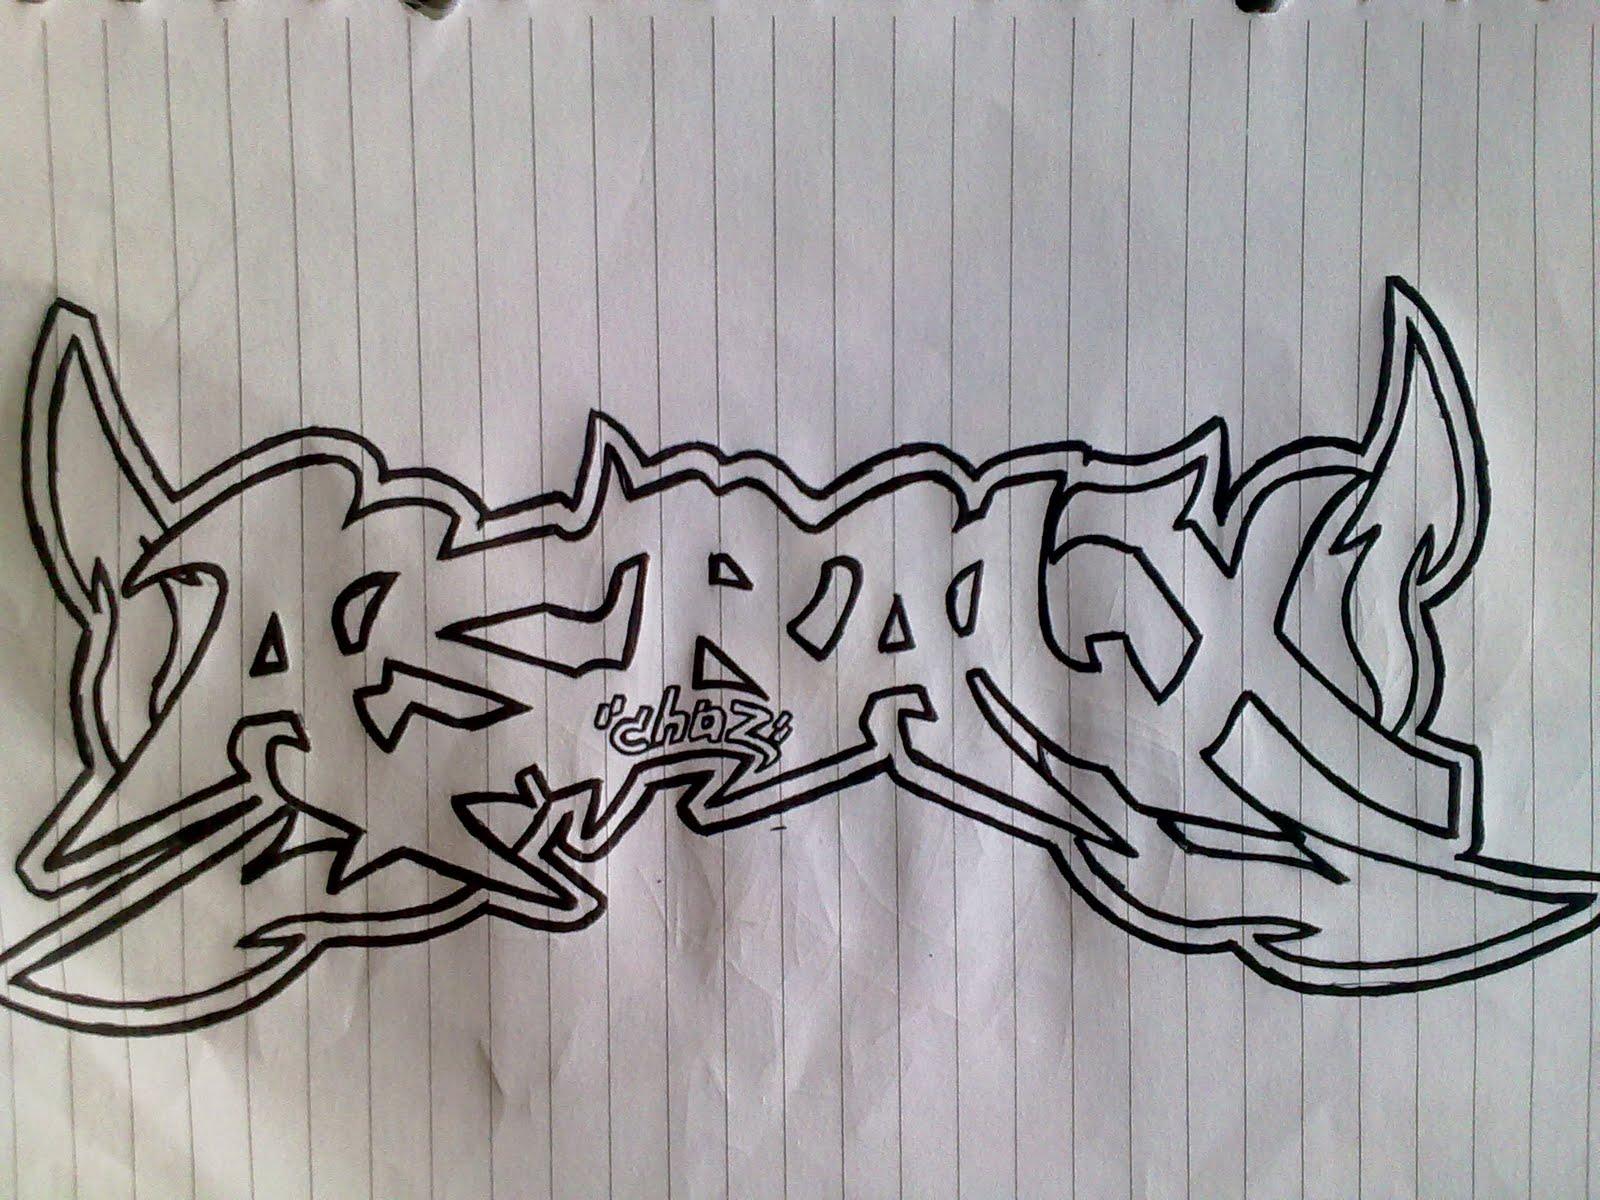 Gambar grafiti keren kertas